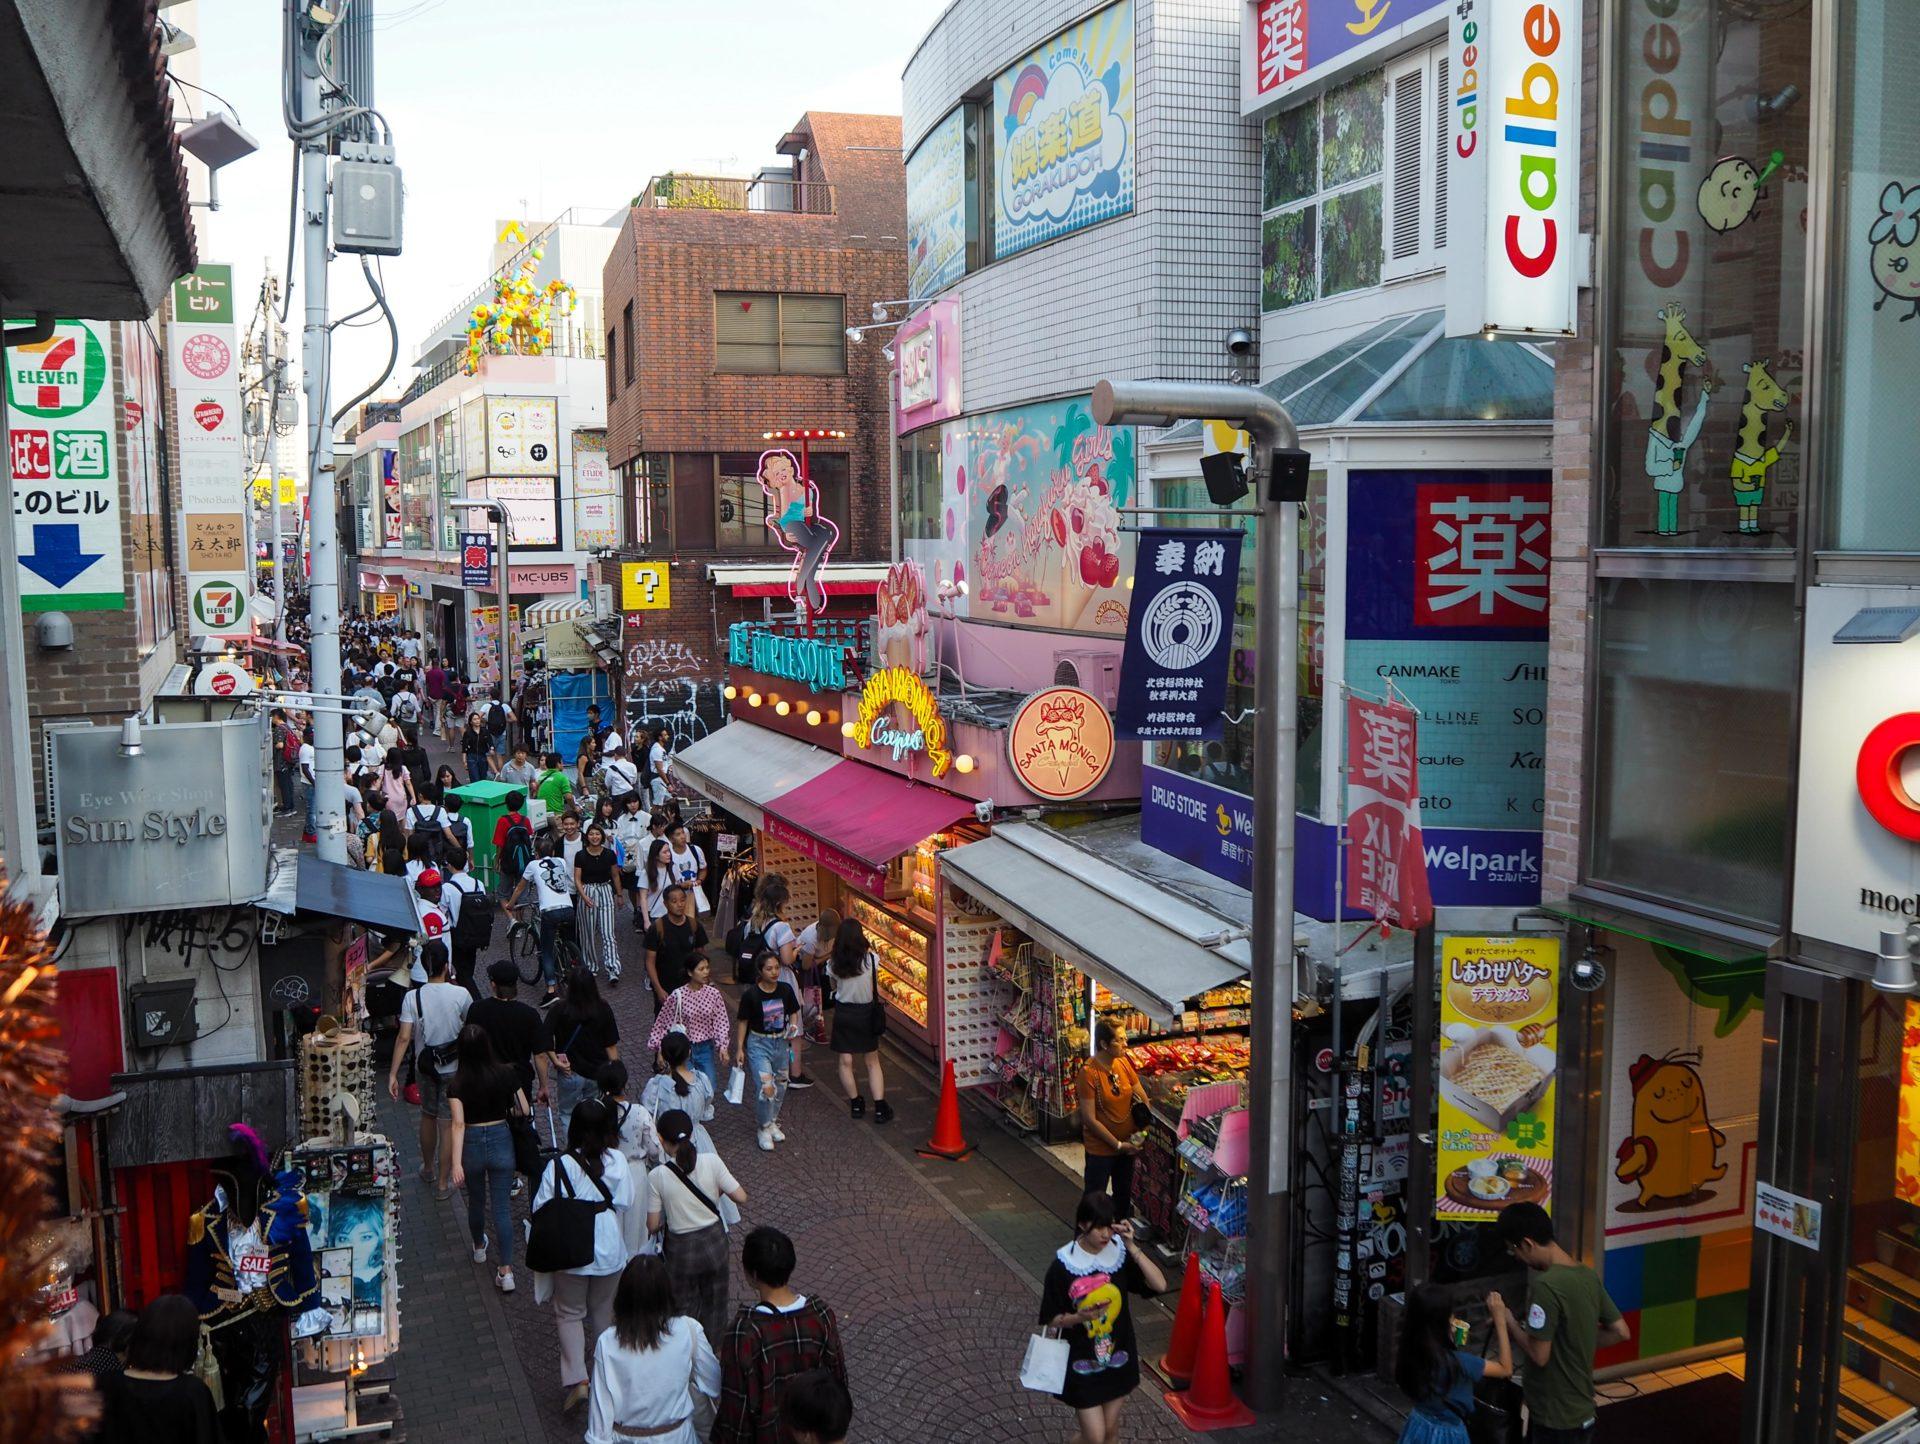 Takeshita Street à Harajuku à Tokyo - Escale à Tokyo: 24h dans la capitale du Japon - Tokyo en 24h - Récit et itinéraire pour visiter Tokyo en une journée